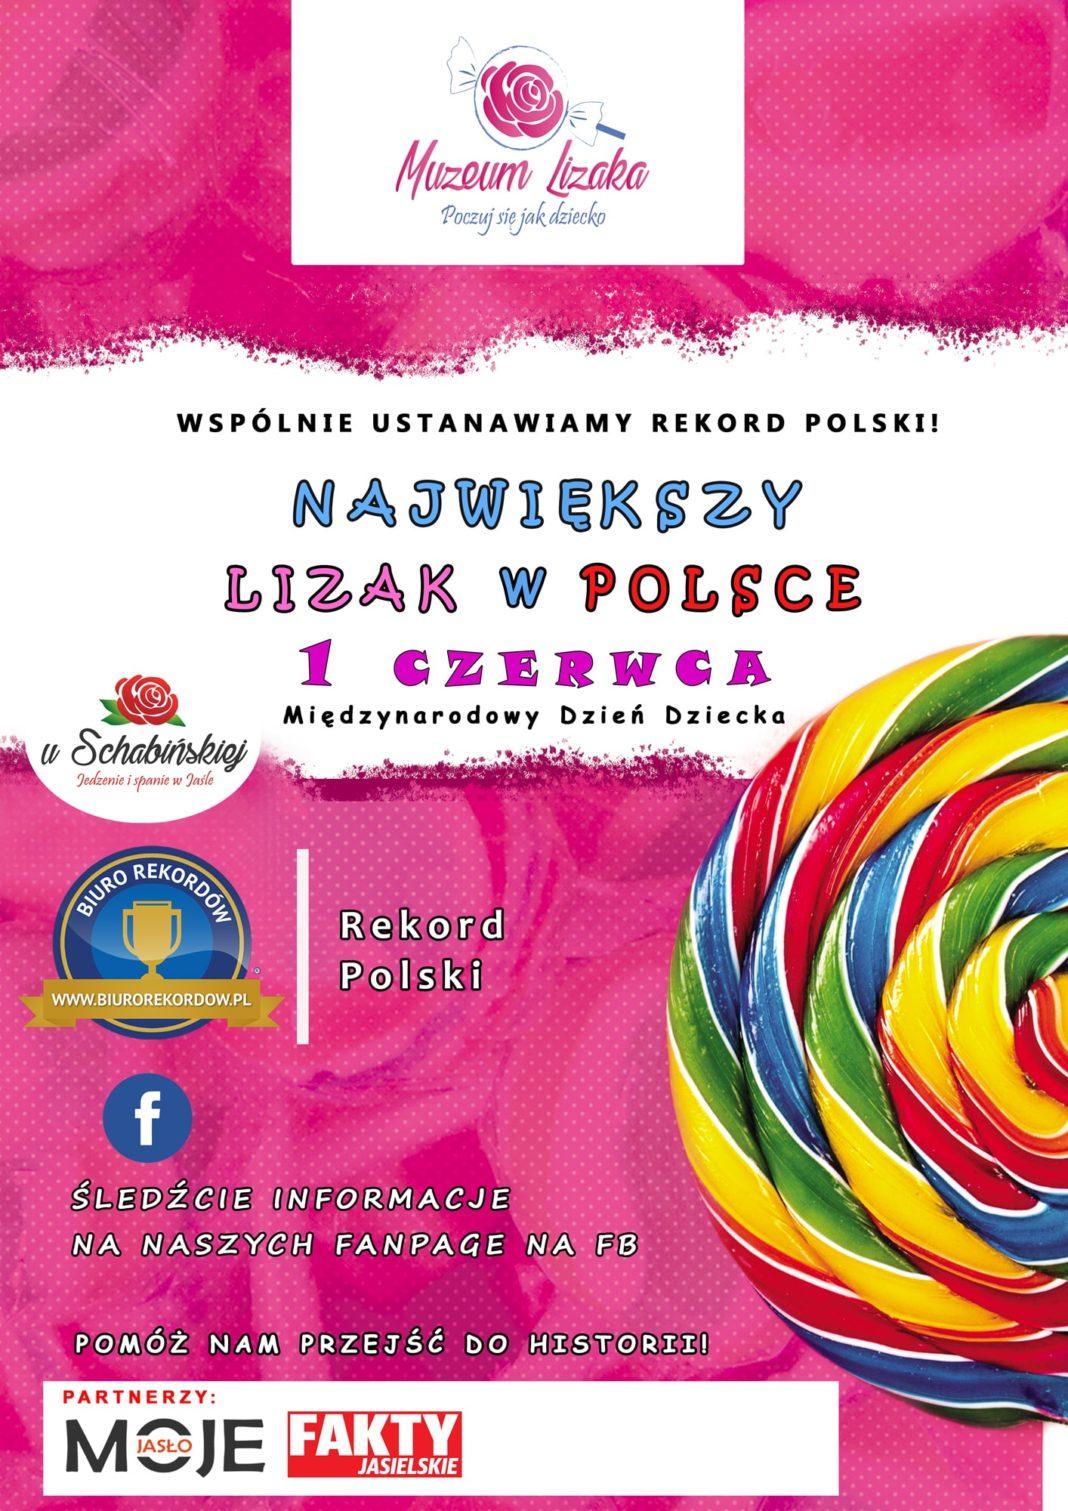 Muzeum Lizaka w Jaśle - plakat